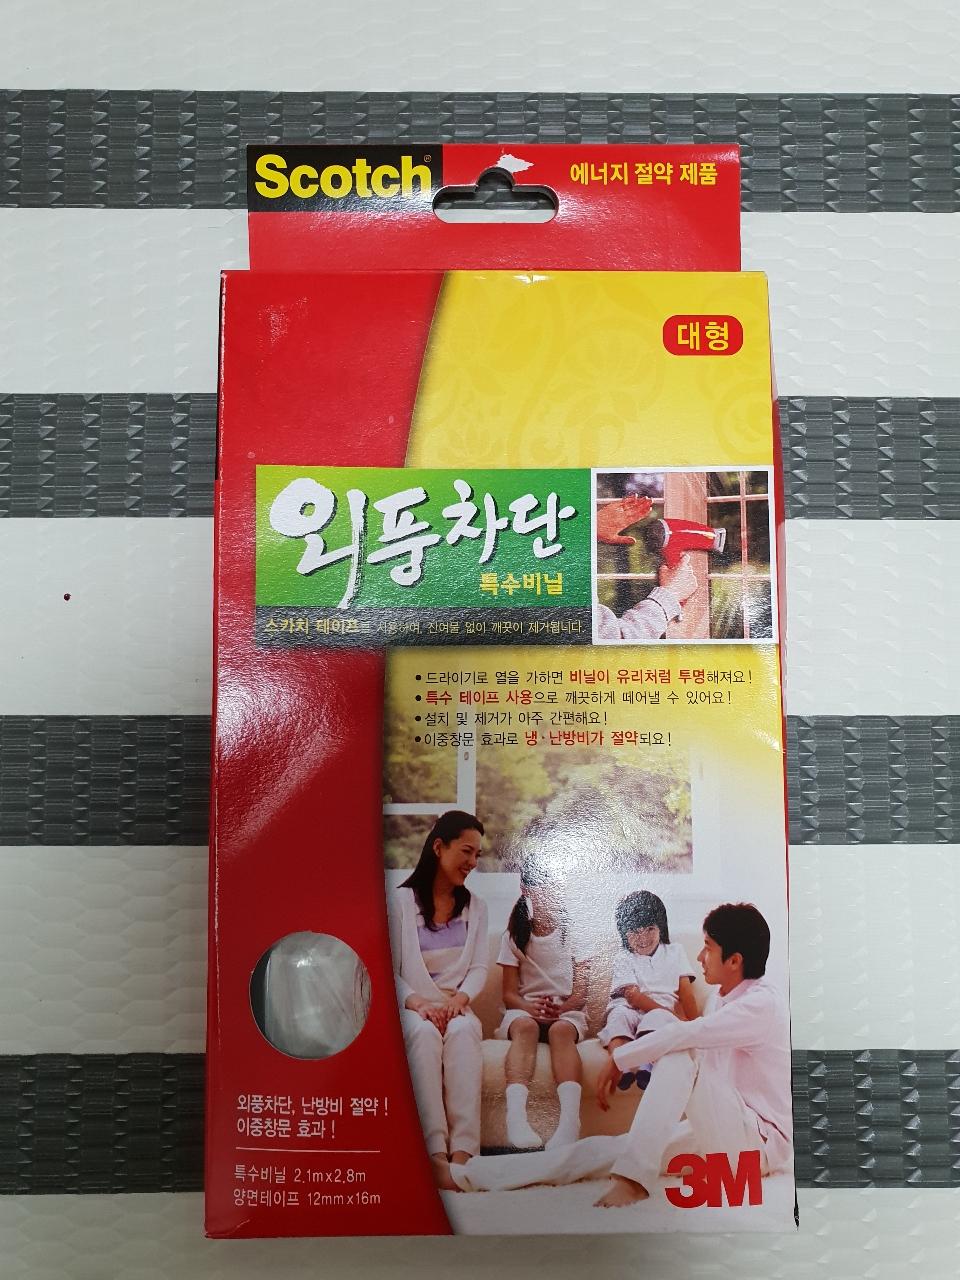 스카치 외풍차단 특수비닐 + 문풍지